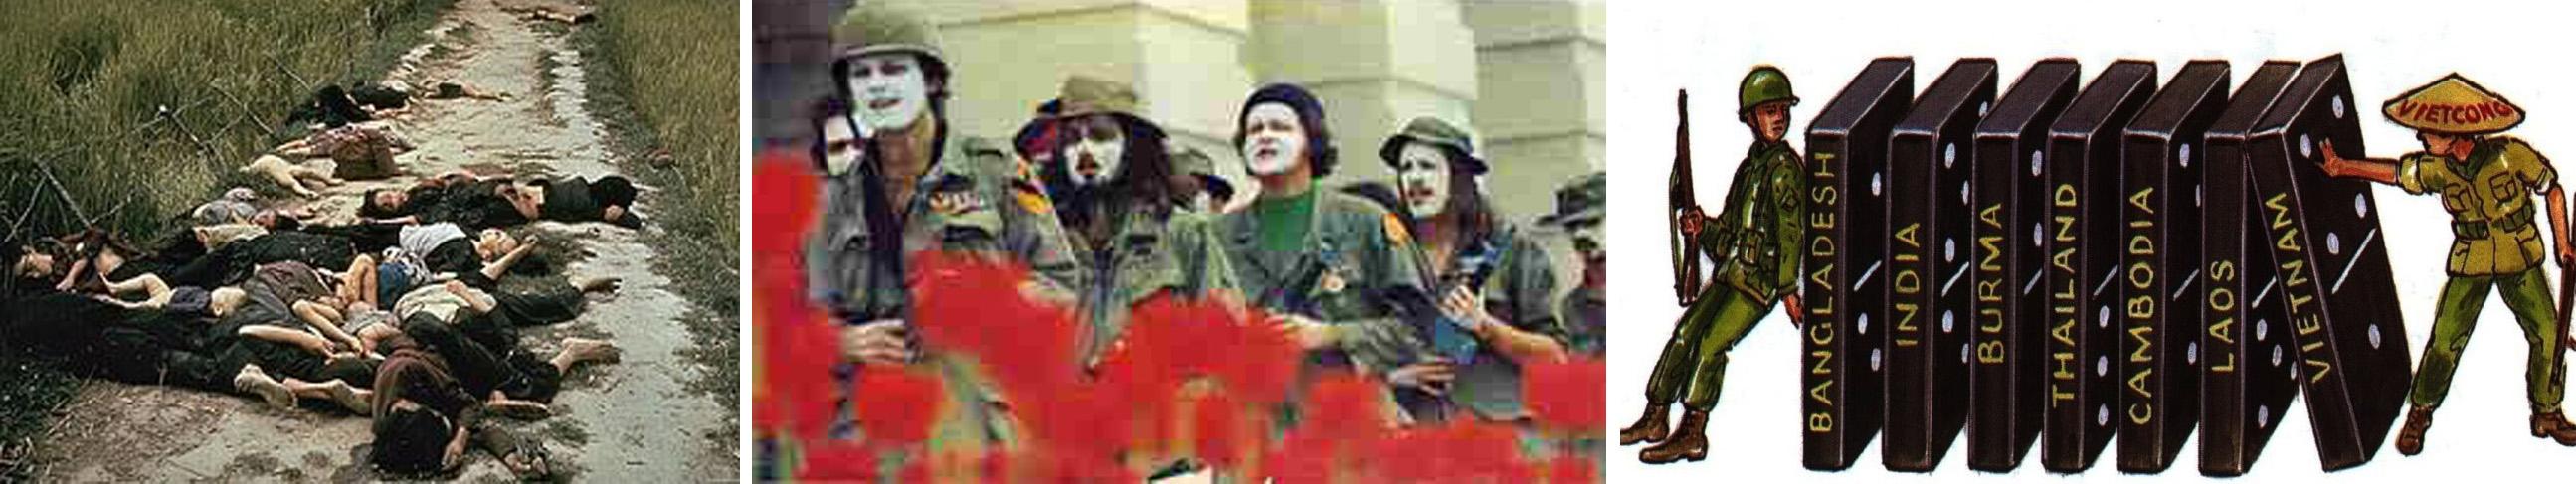 Massacre de My Lai, Vietname